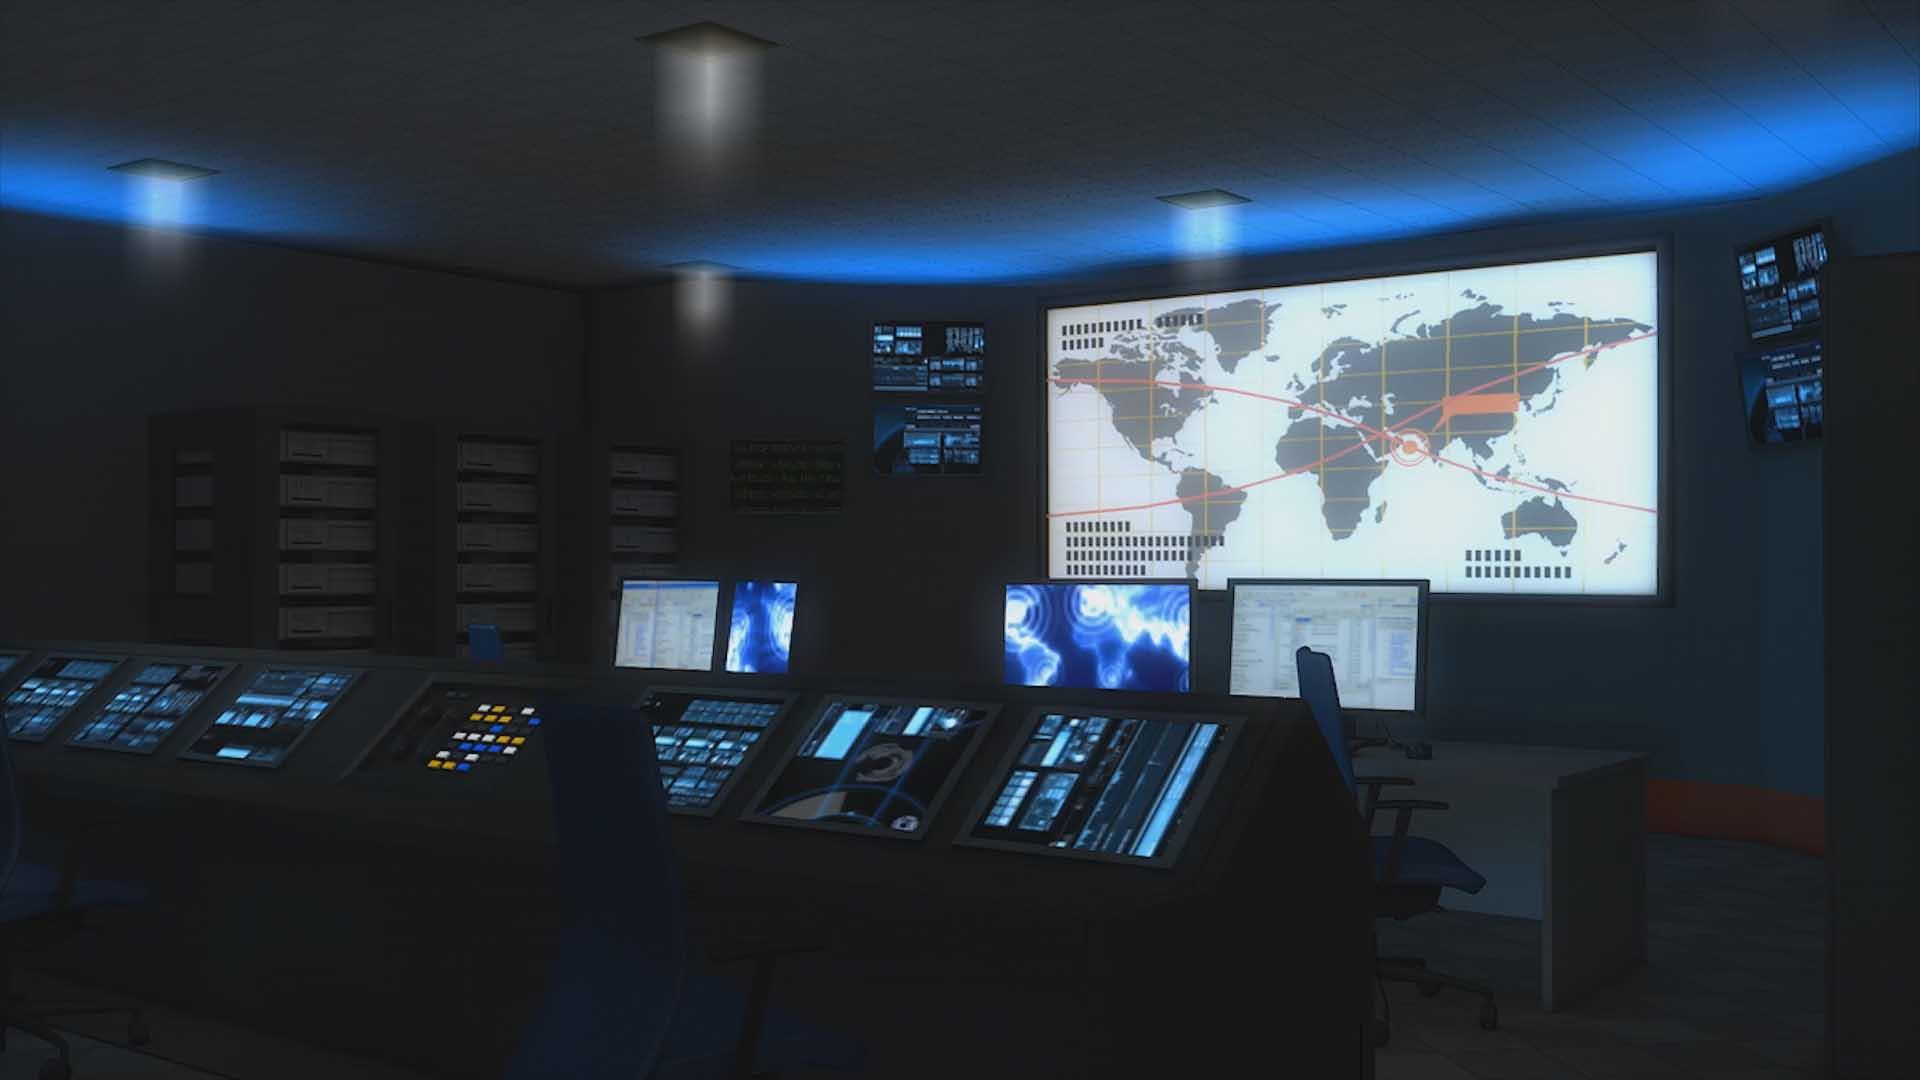 Centro de Operações de TI - NOC e SOC